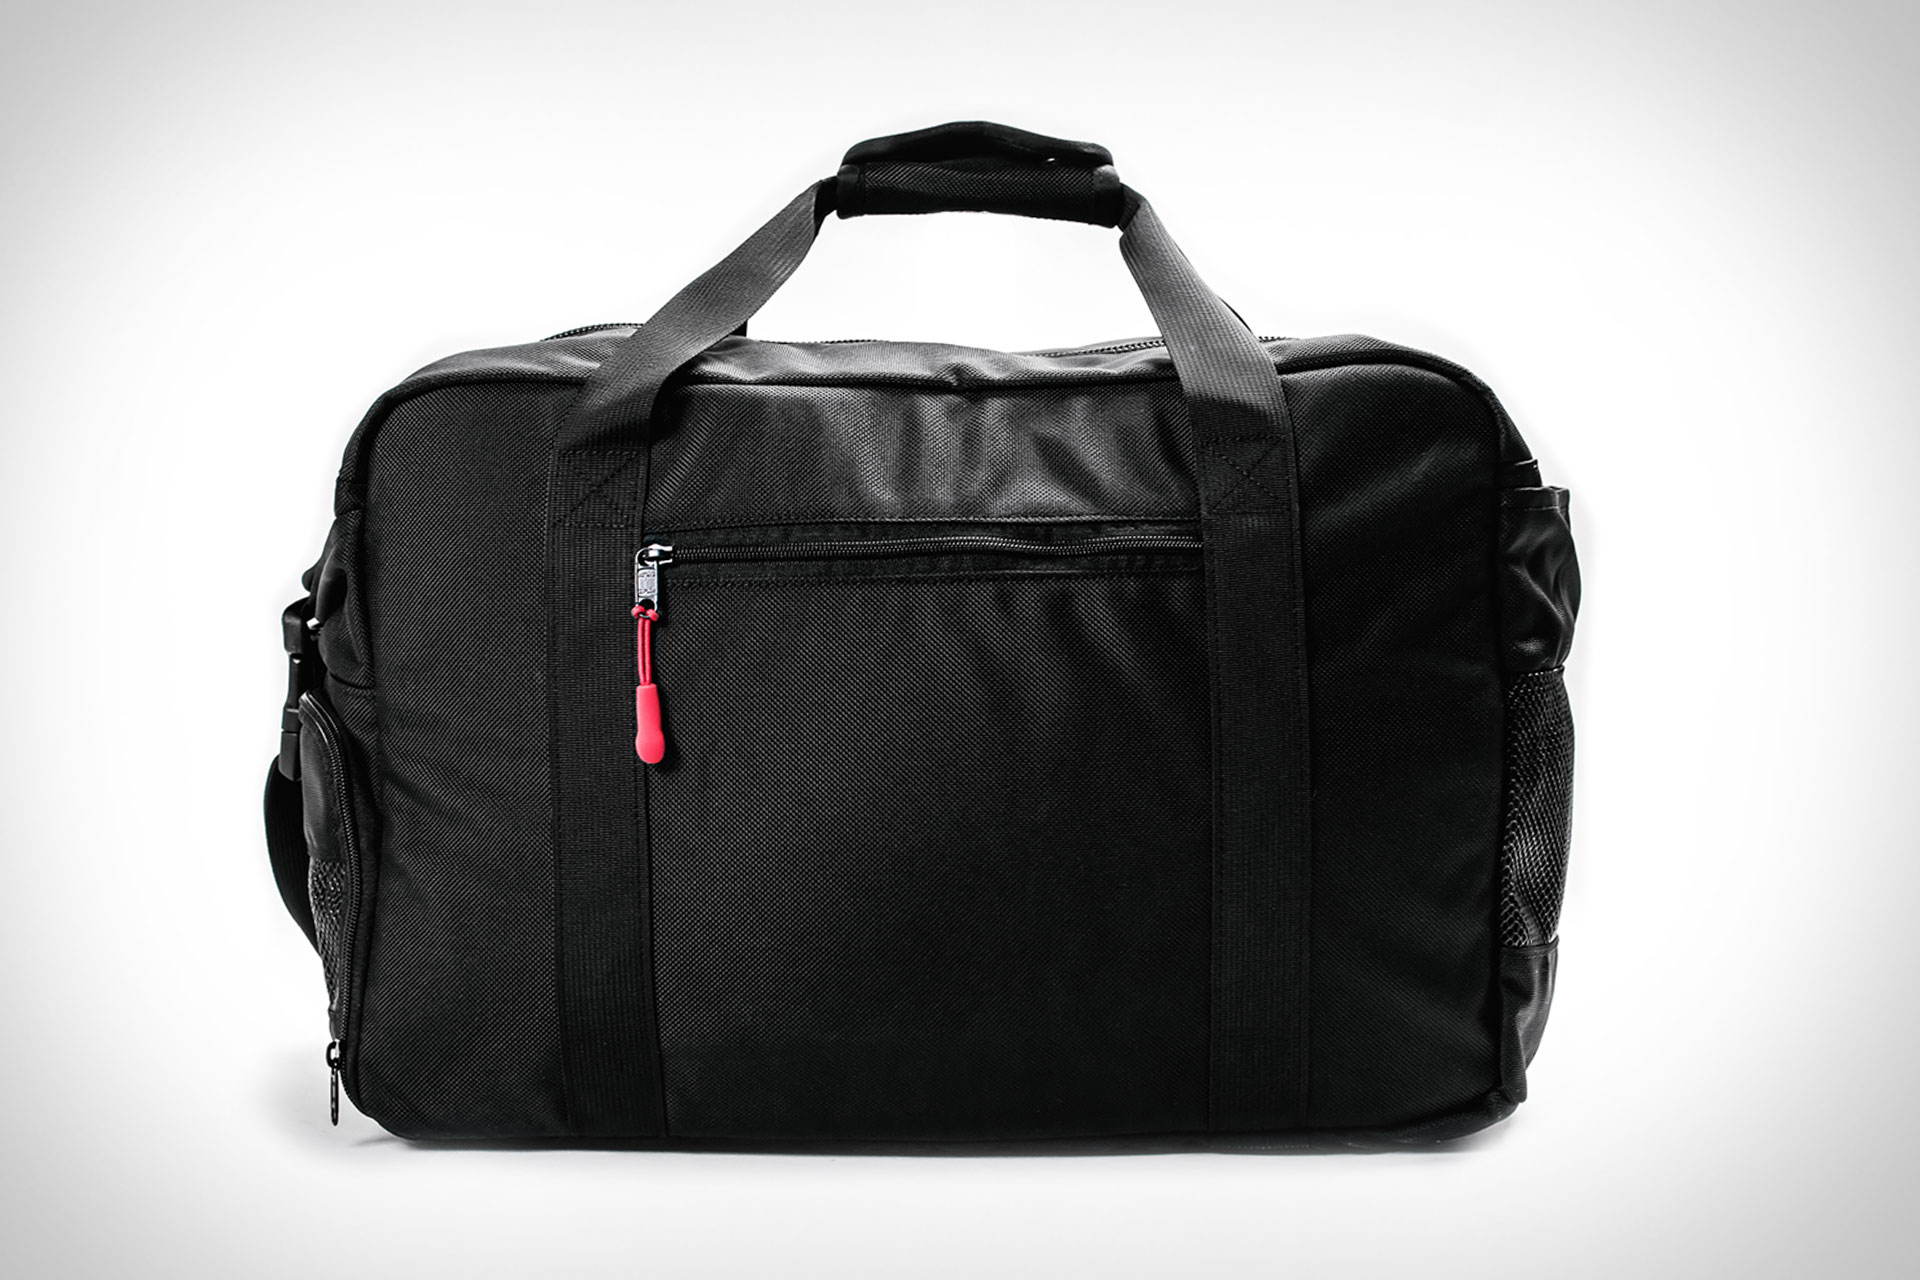 DSPTCH Gym + Work Bag